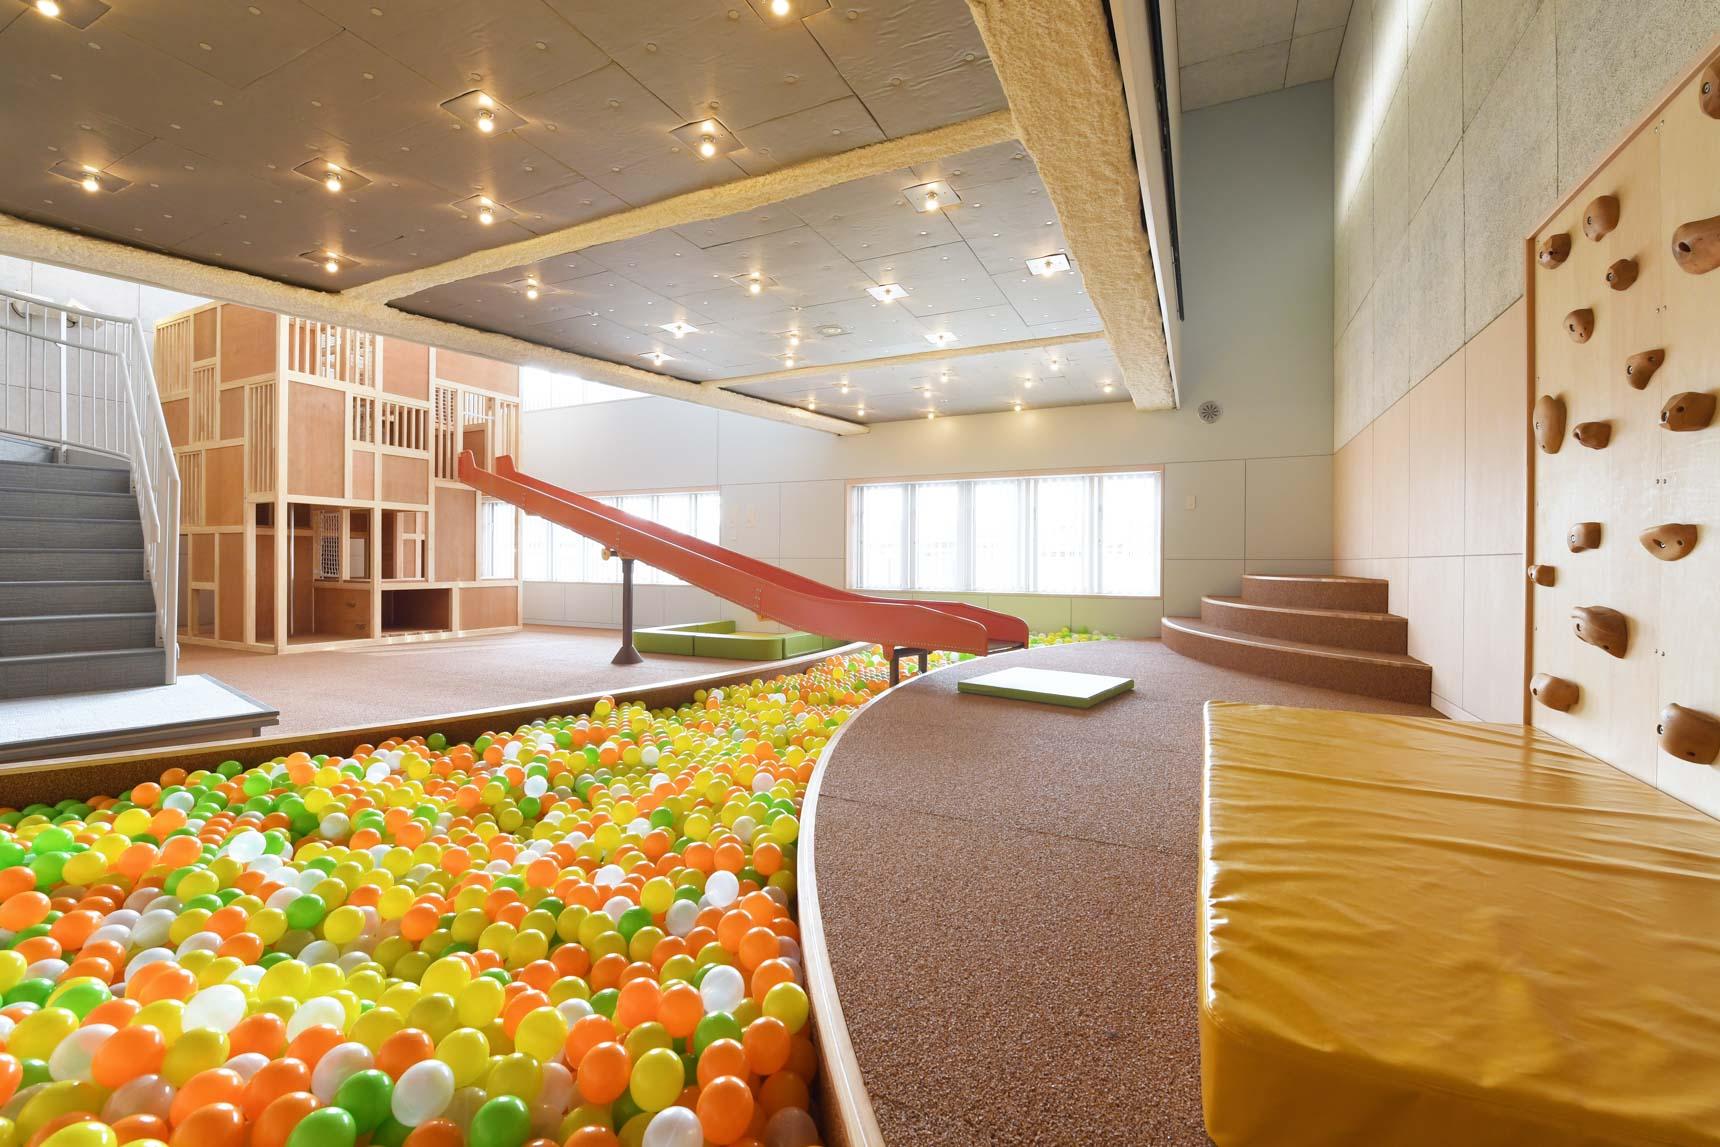 子どもたちが遊んでいるのを4階で仕事しながら見守ることができる「チコル☆パーク・チコル☆ワーク」もありました。とっても広々のスペースがあって、遊具も充実。子どもたちが夢中になっていました。